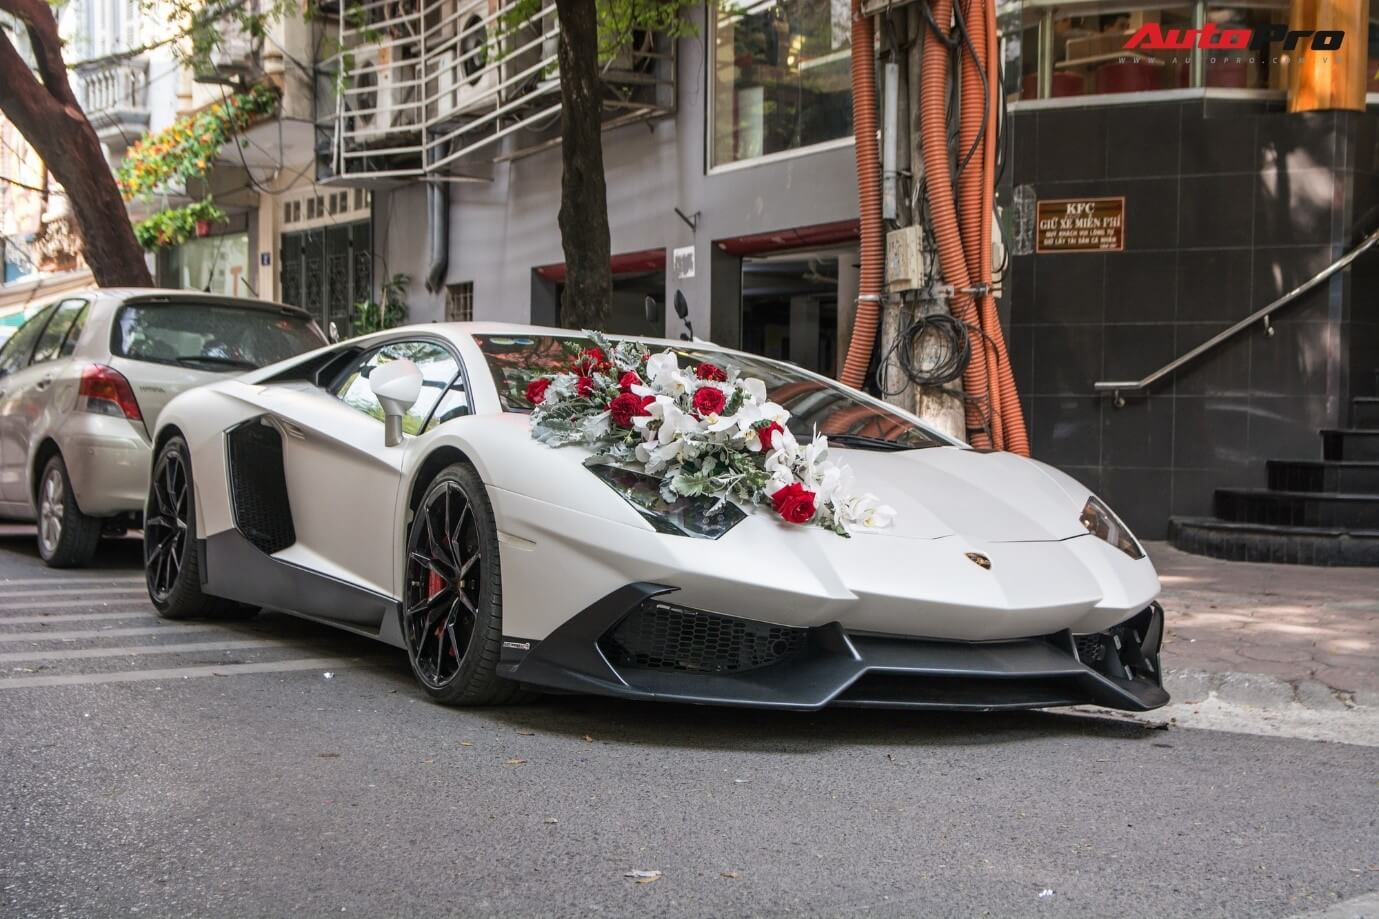 Thuê xe cưới rước dâu TPHCM loại cao cấp, siêu xe